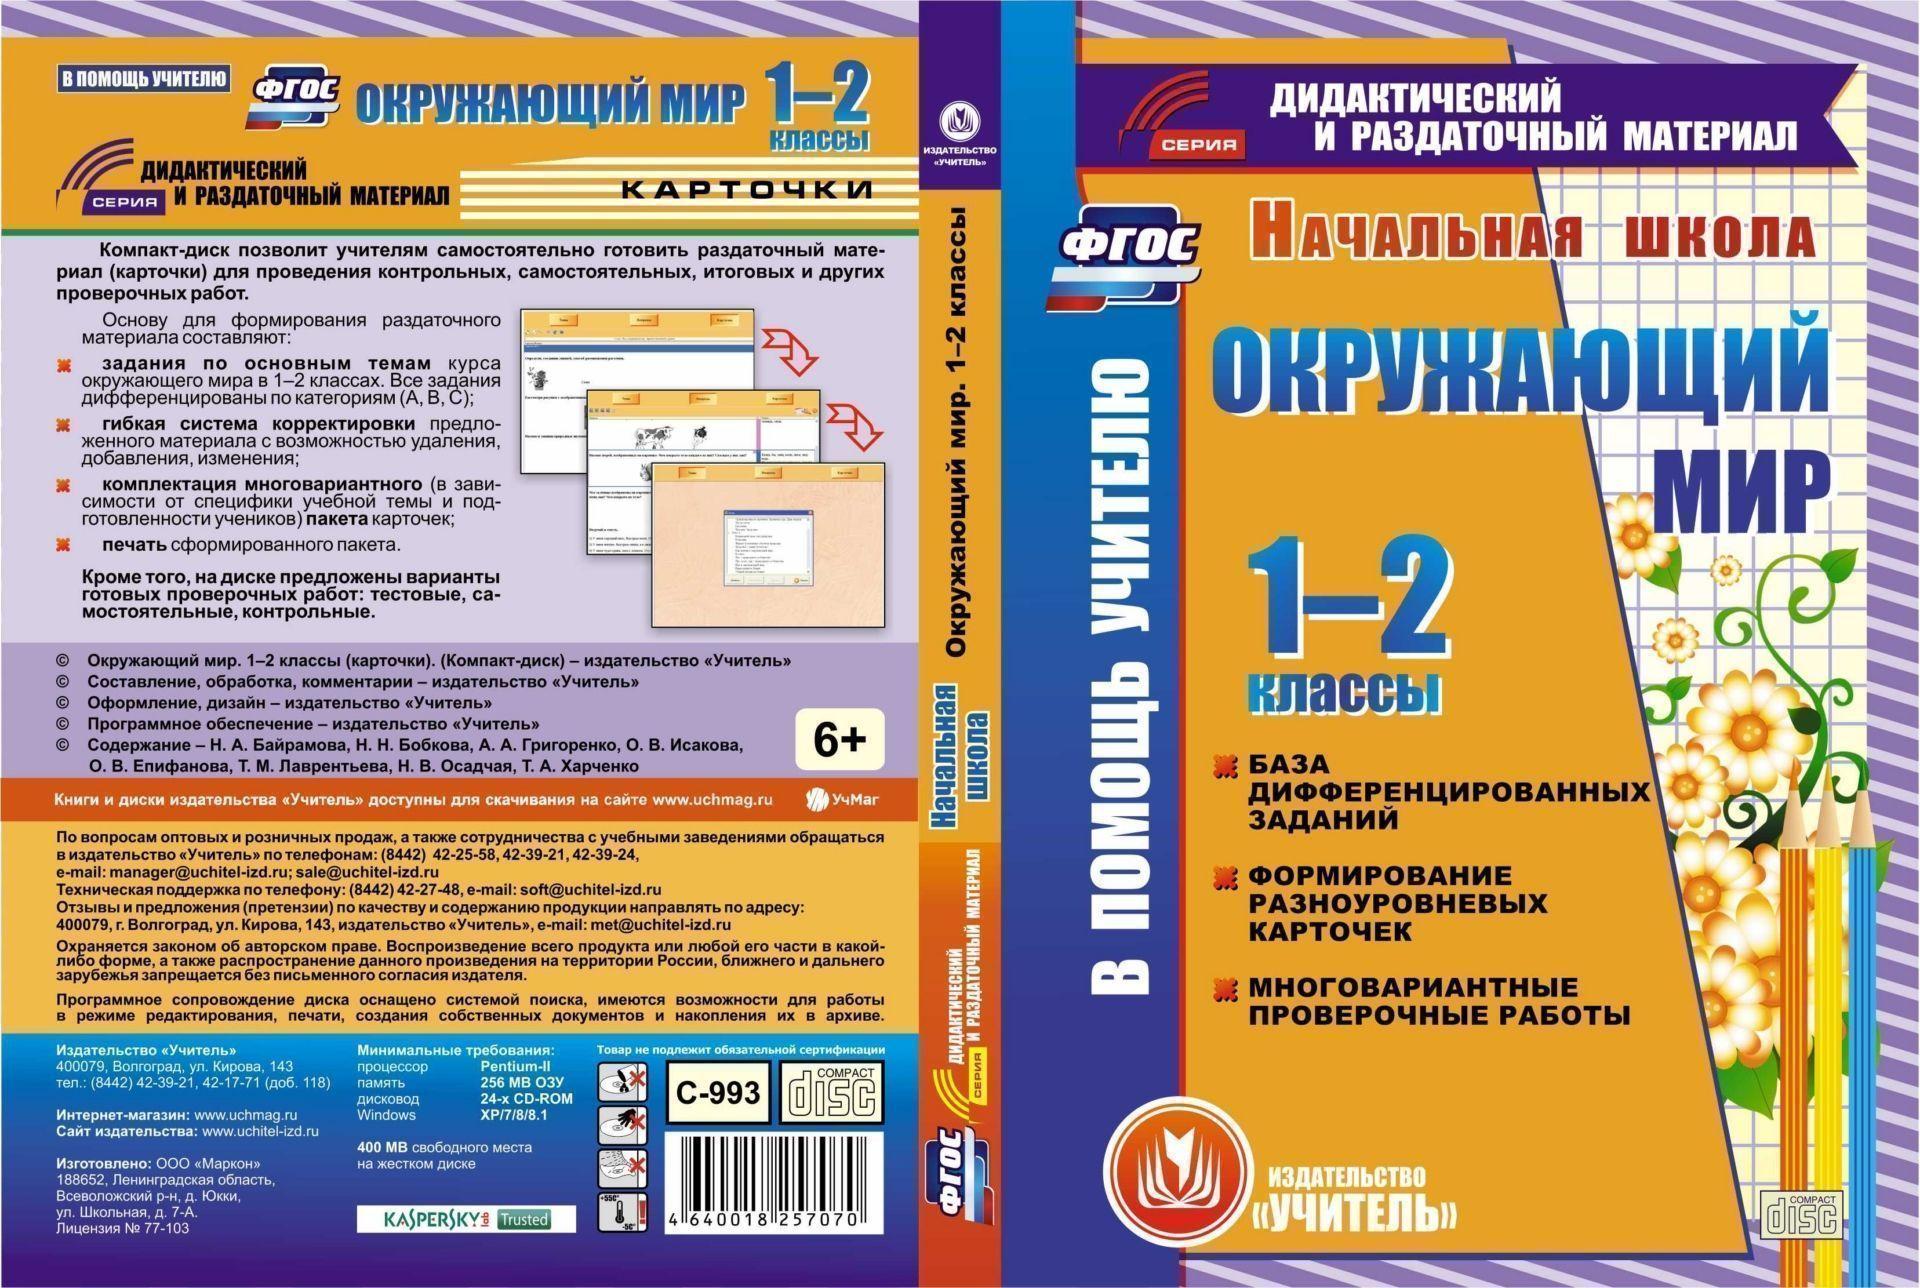 Окружающий мир. 1-2 классы. Компакт-диск для компьютера: База дифференцированных заданий, формирование разноуровневых карточек, многовариантные проверочные работы